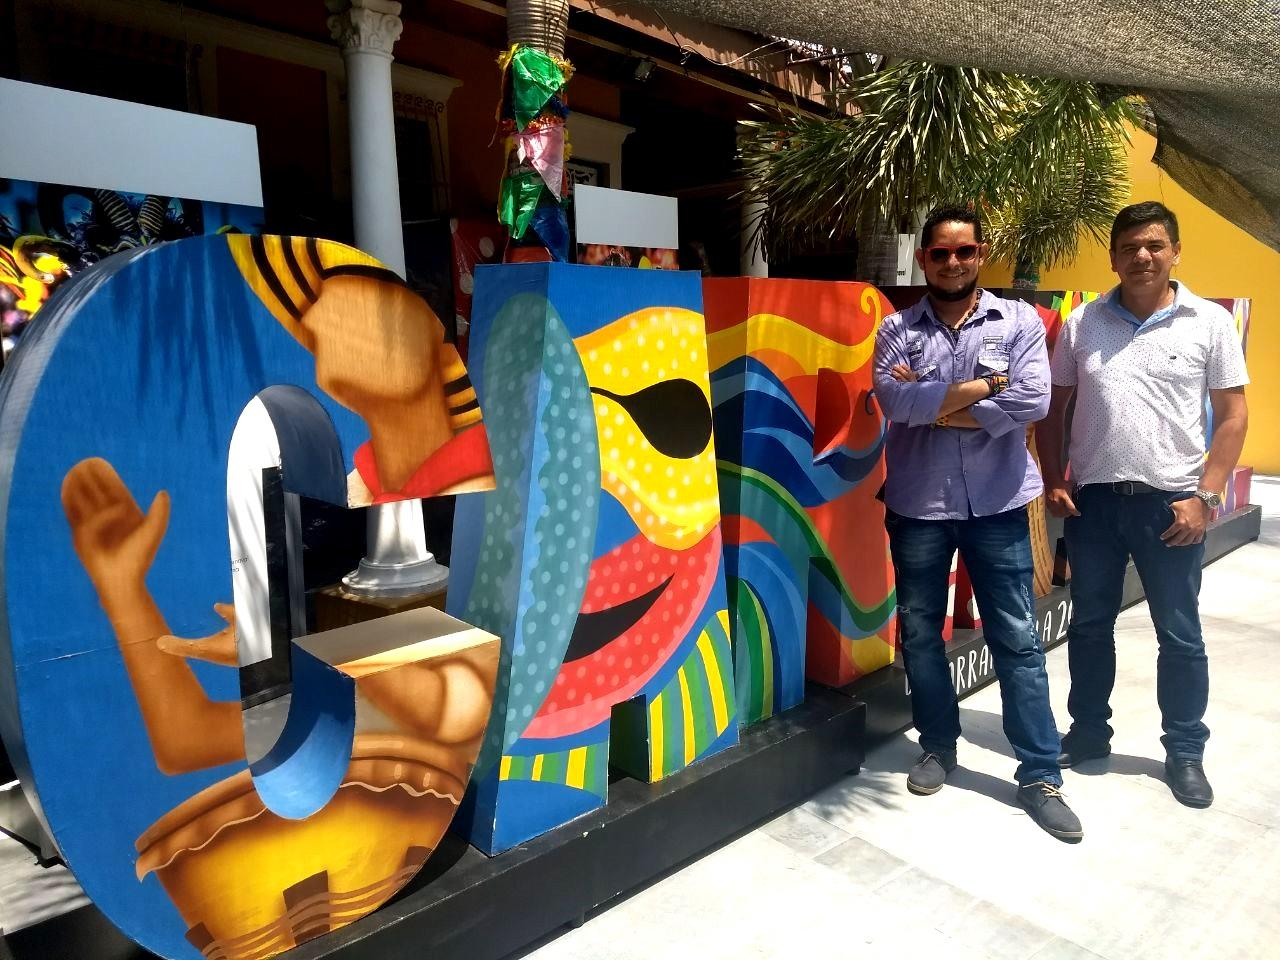 De patrimonio a patrimonio: Las Fallas reciben al Carnaval de Barranquilla